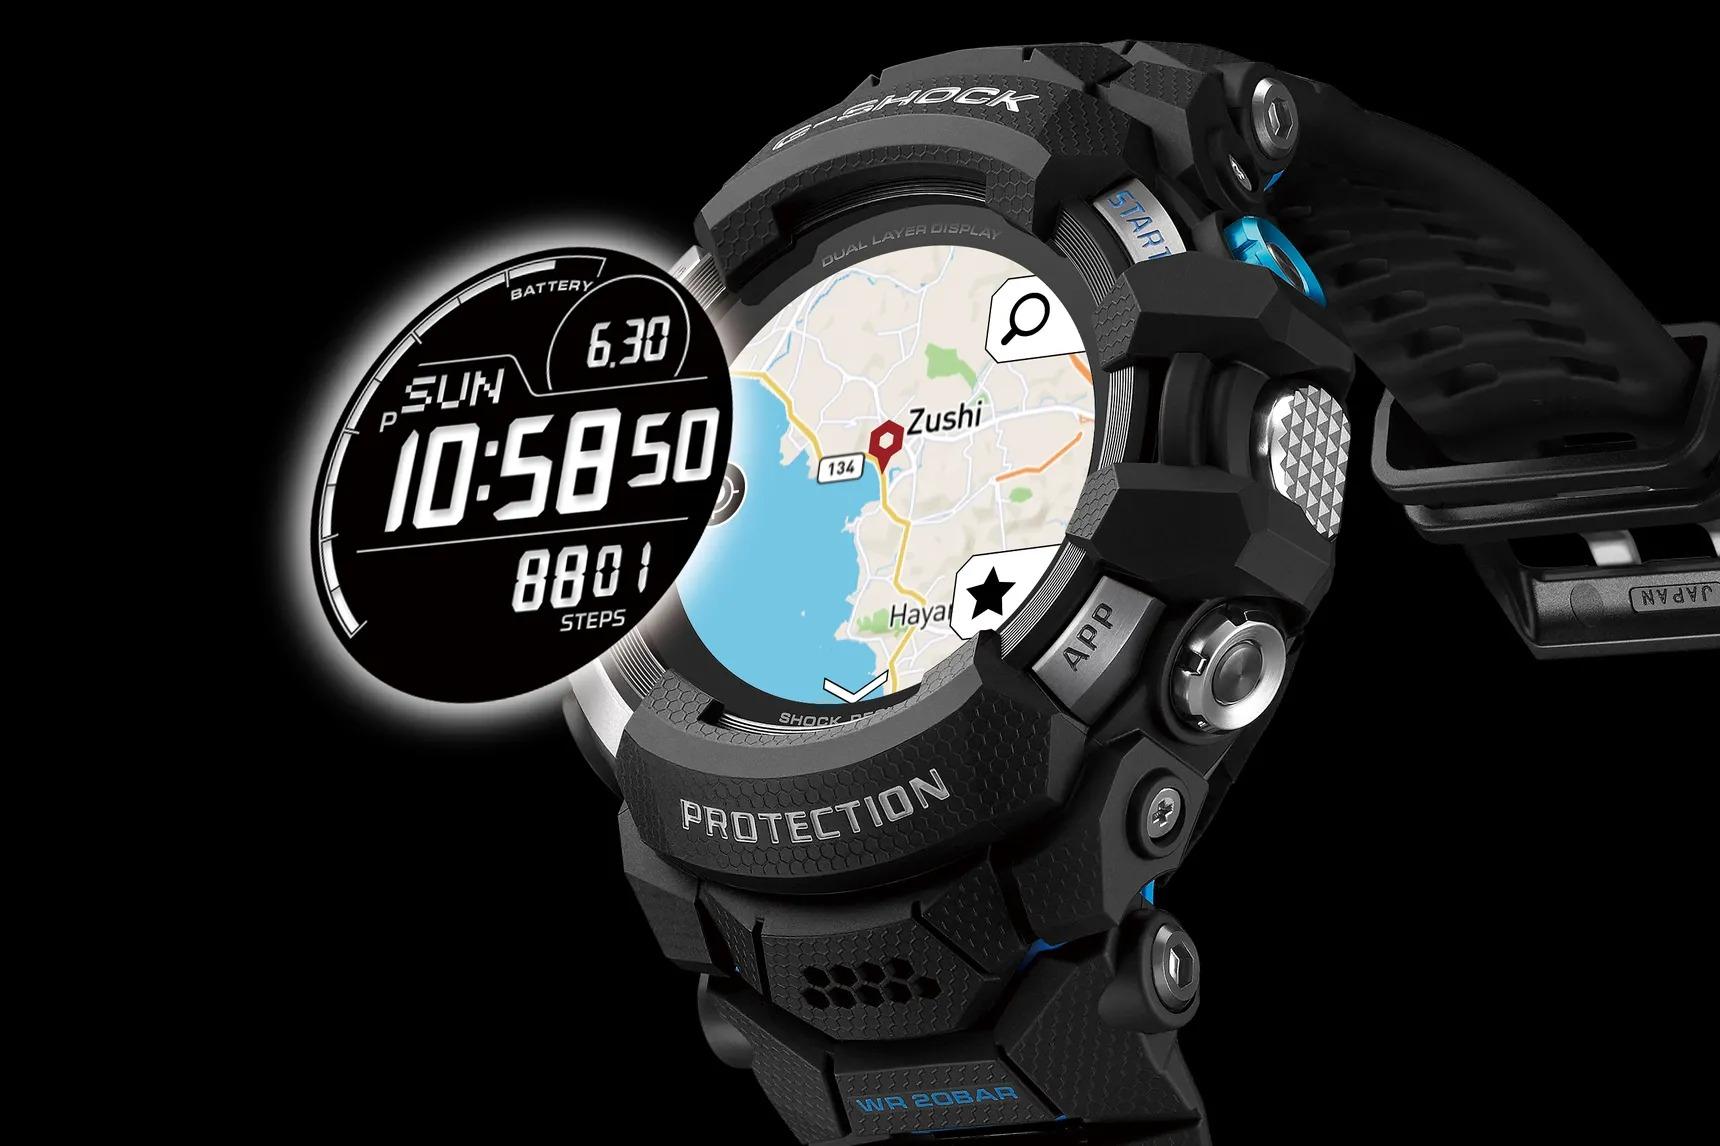 Smartwatch G-Shock của Casio có thể là đối thủ đáng gờm cho Apple Watch siêu bển. Ảnh: Casio